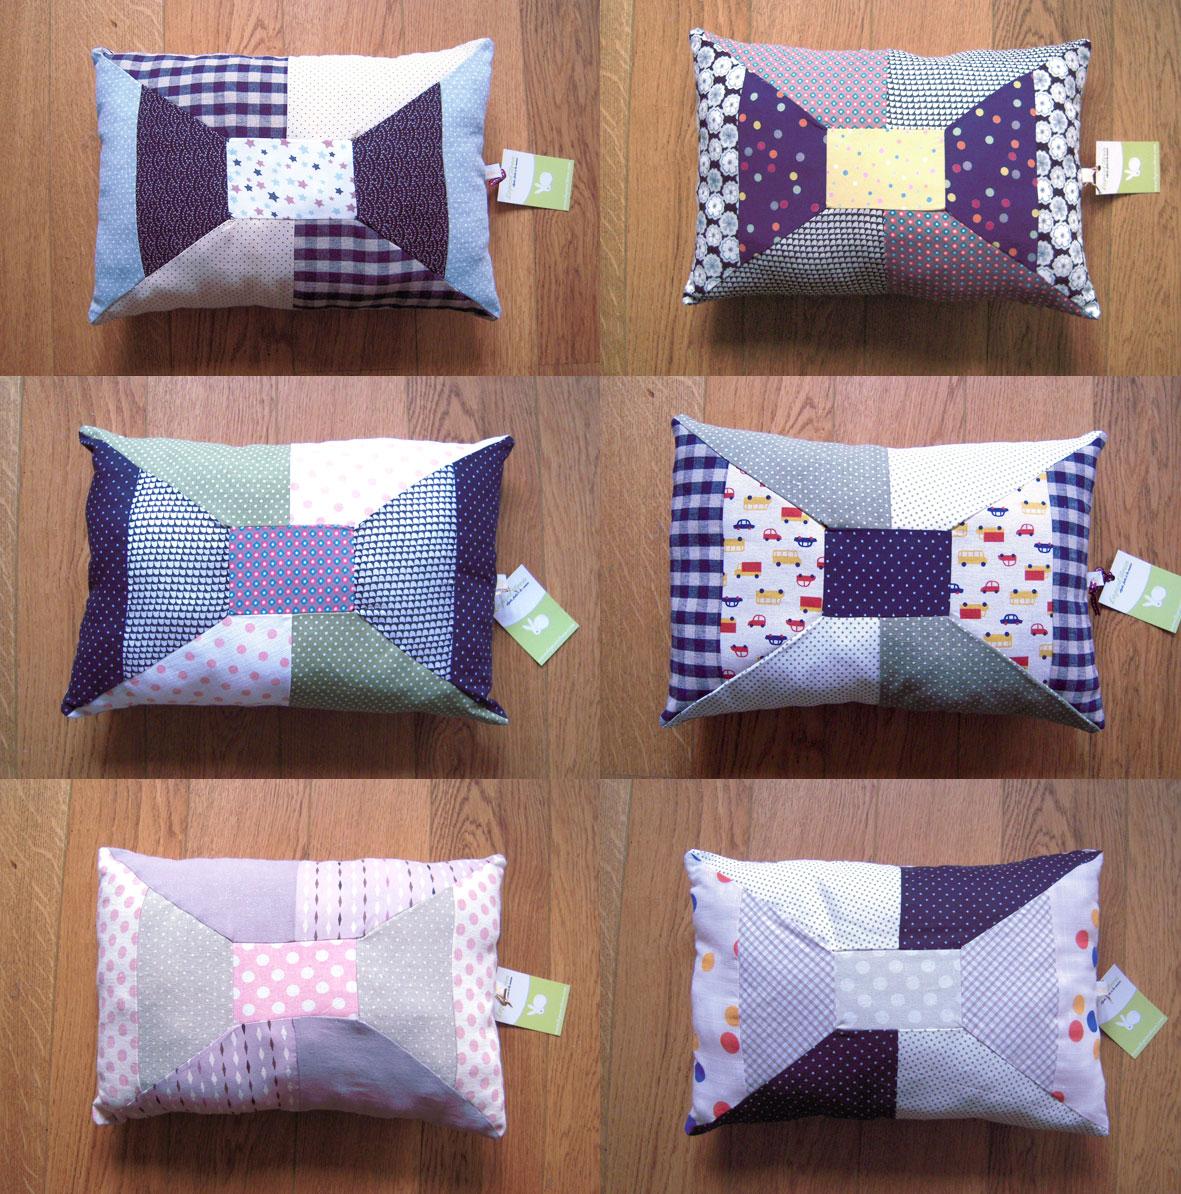 nouveaux coussins lapincitron dans la boutique les p 39 tits bobos sur nantes lapincitron. Black Bedroom Furniture Sets. Home Design Ideas